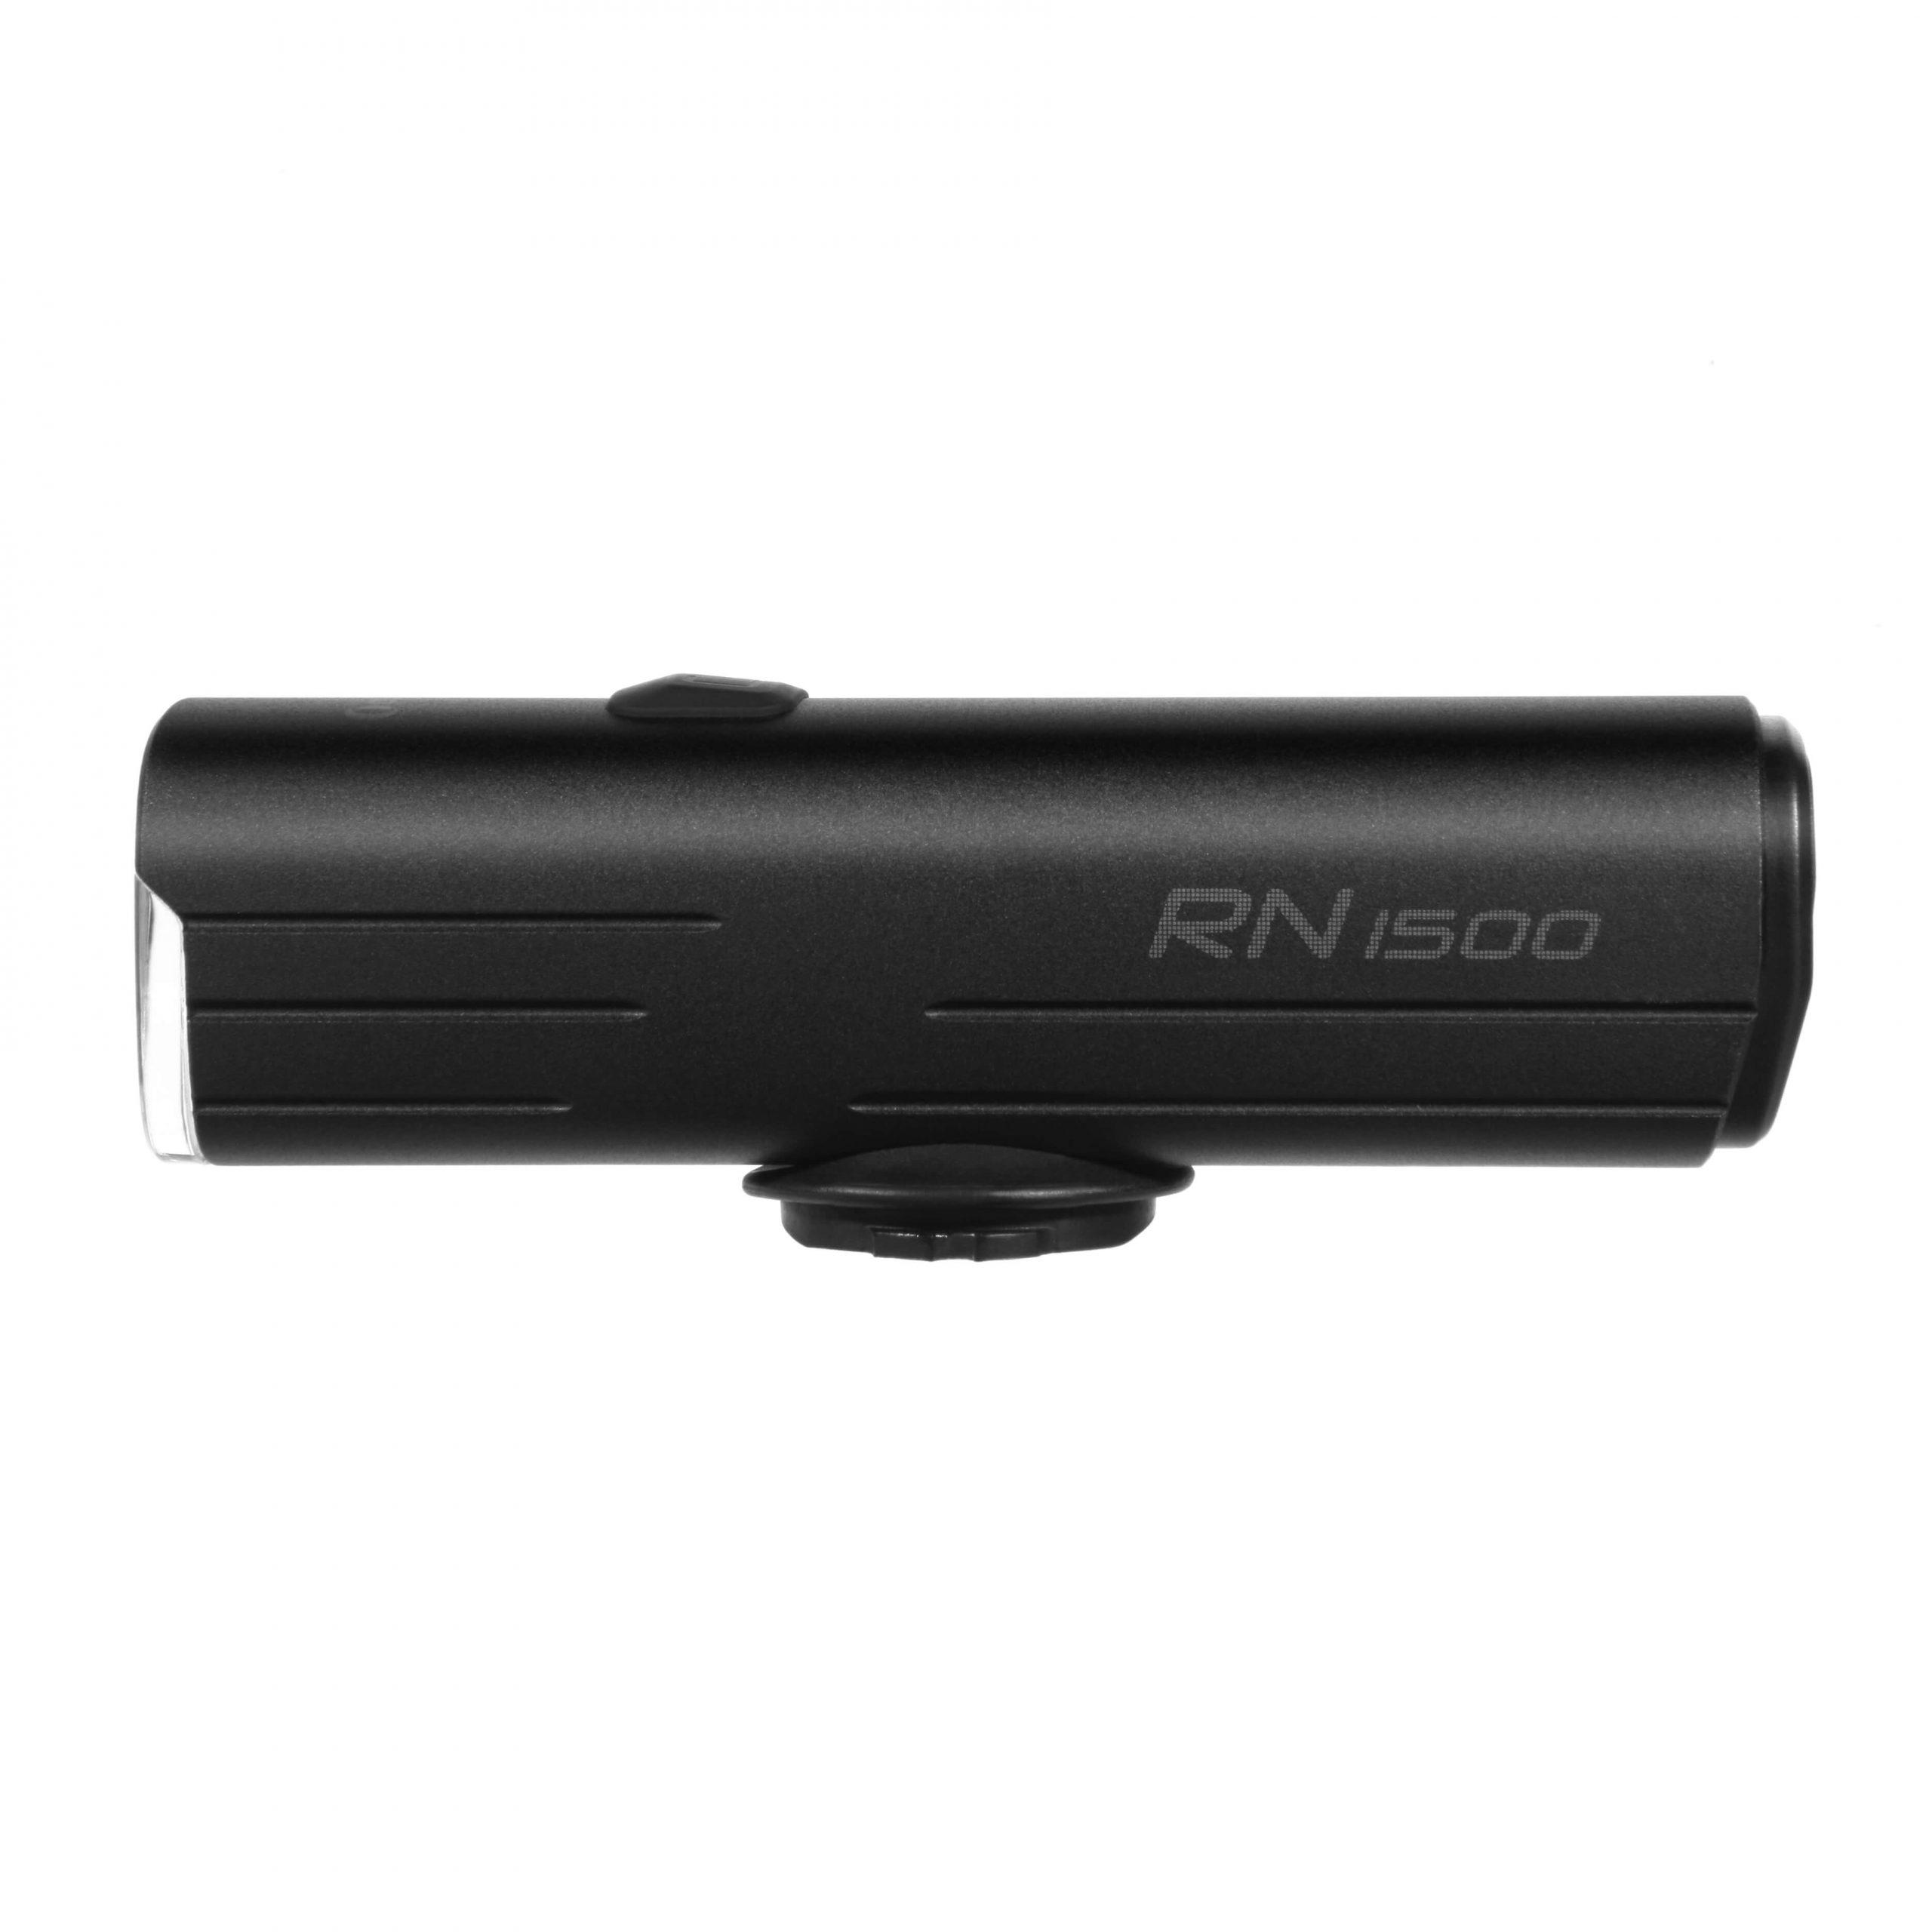 Đèn pin xe đạp Olight RN 1500